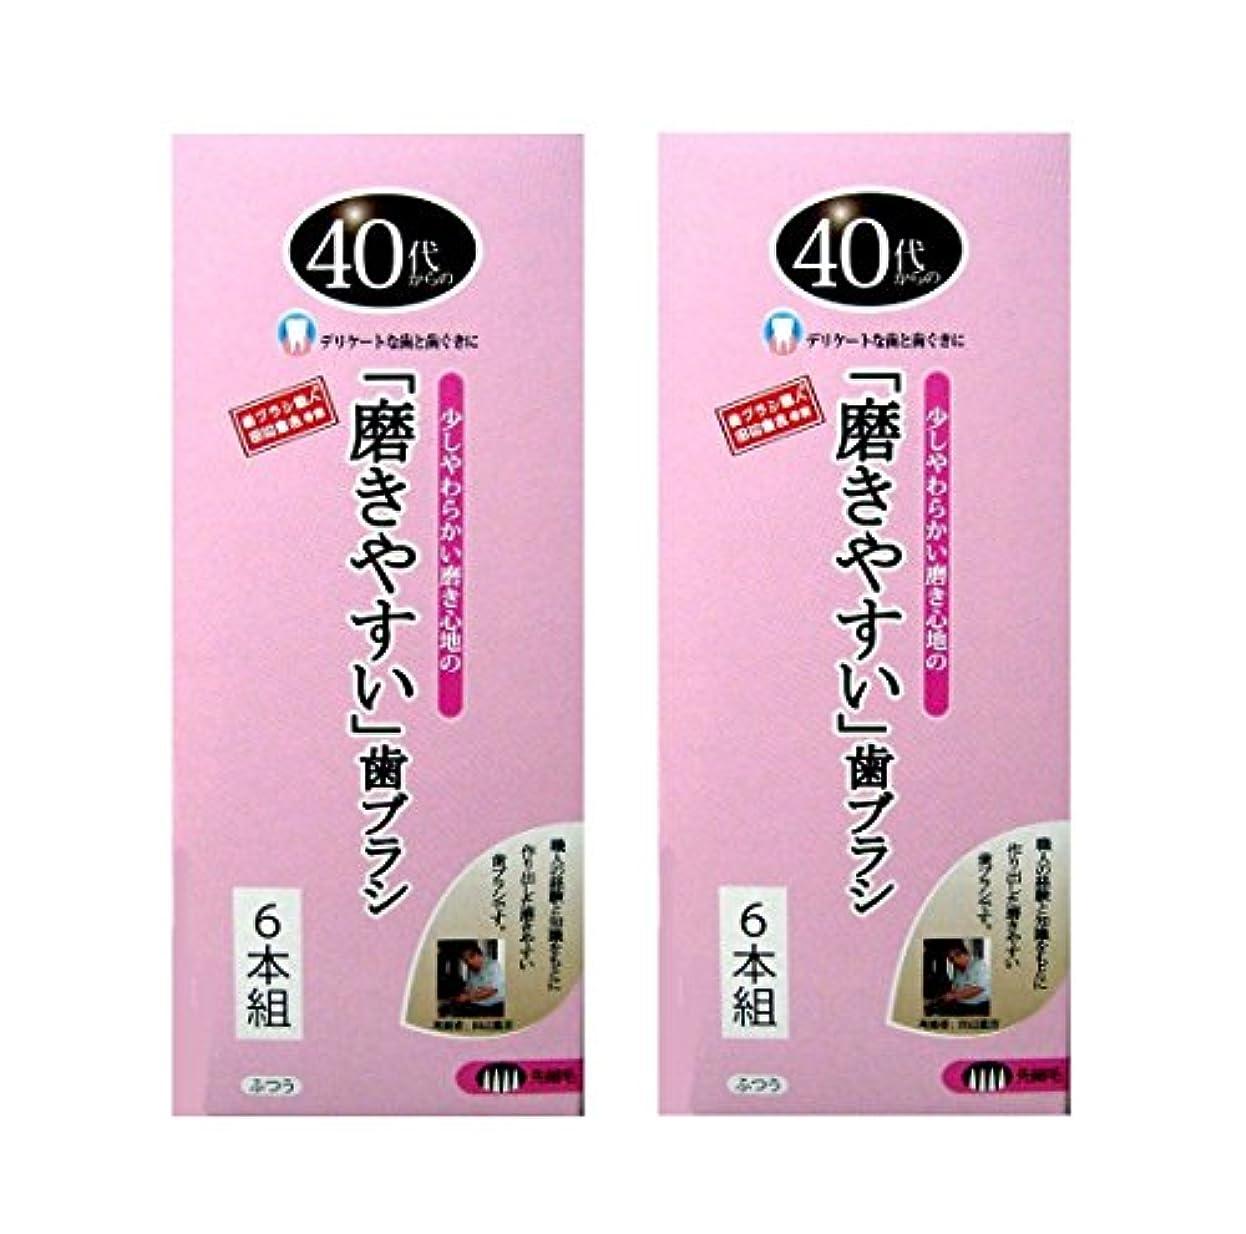 ベックスステージコミュニティ歯ブラシ職人 田辺重吉考案 40代からの磨きやすい歯ブラシ 先細 6本組×2個セット